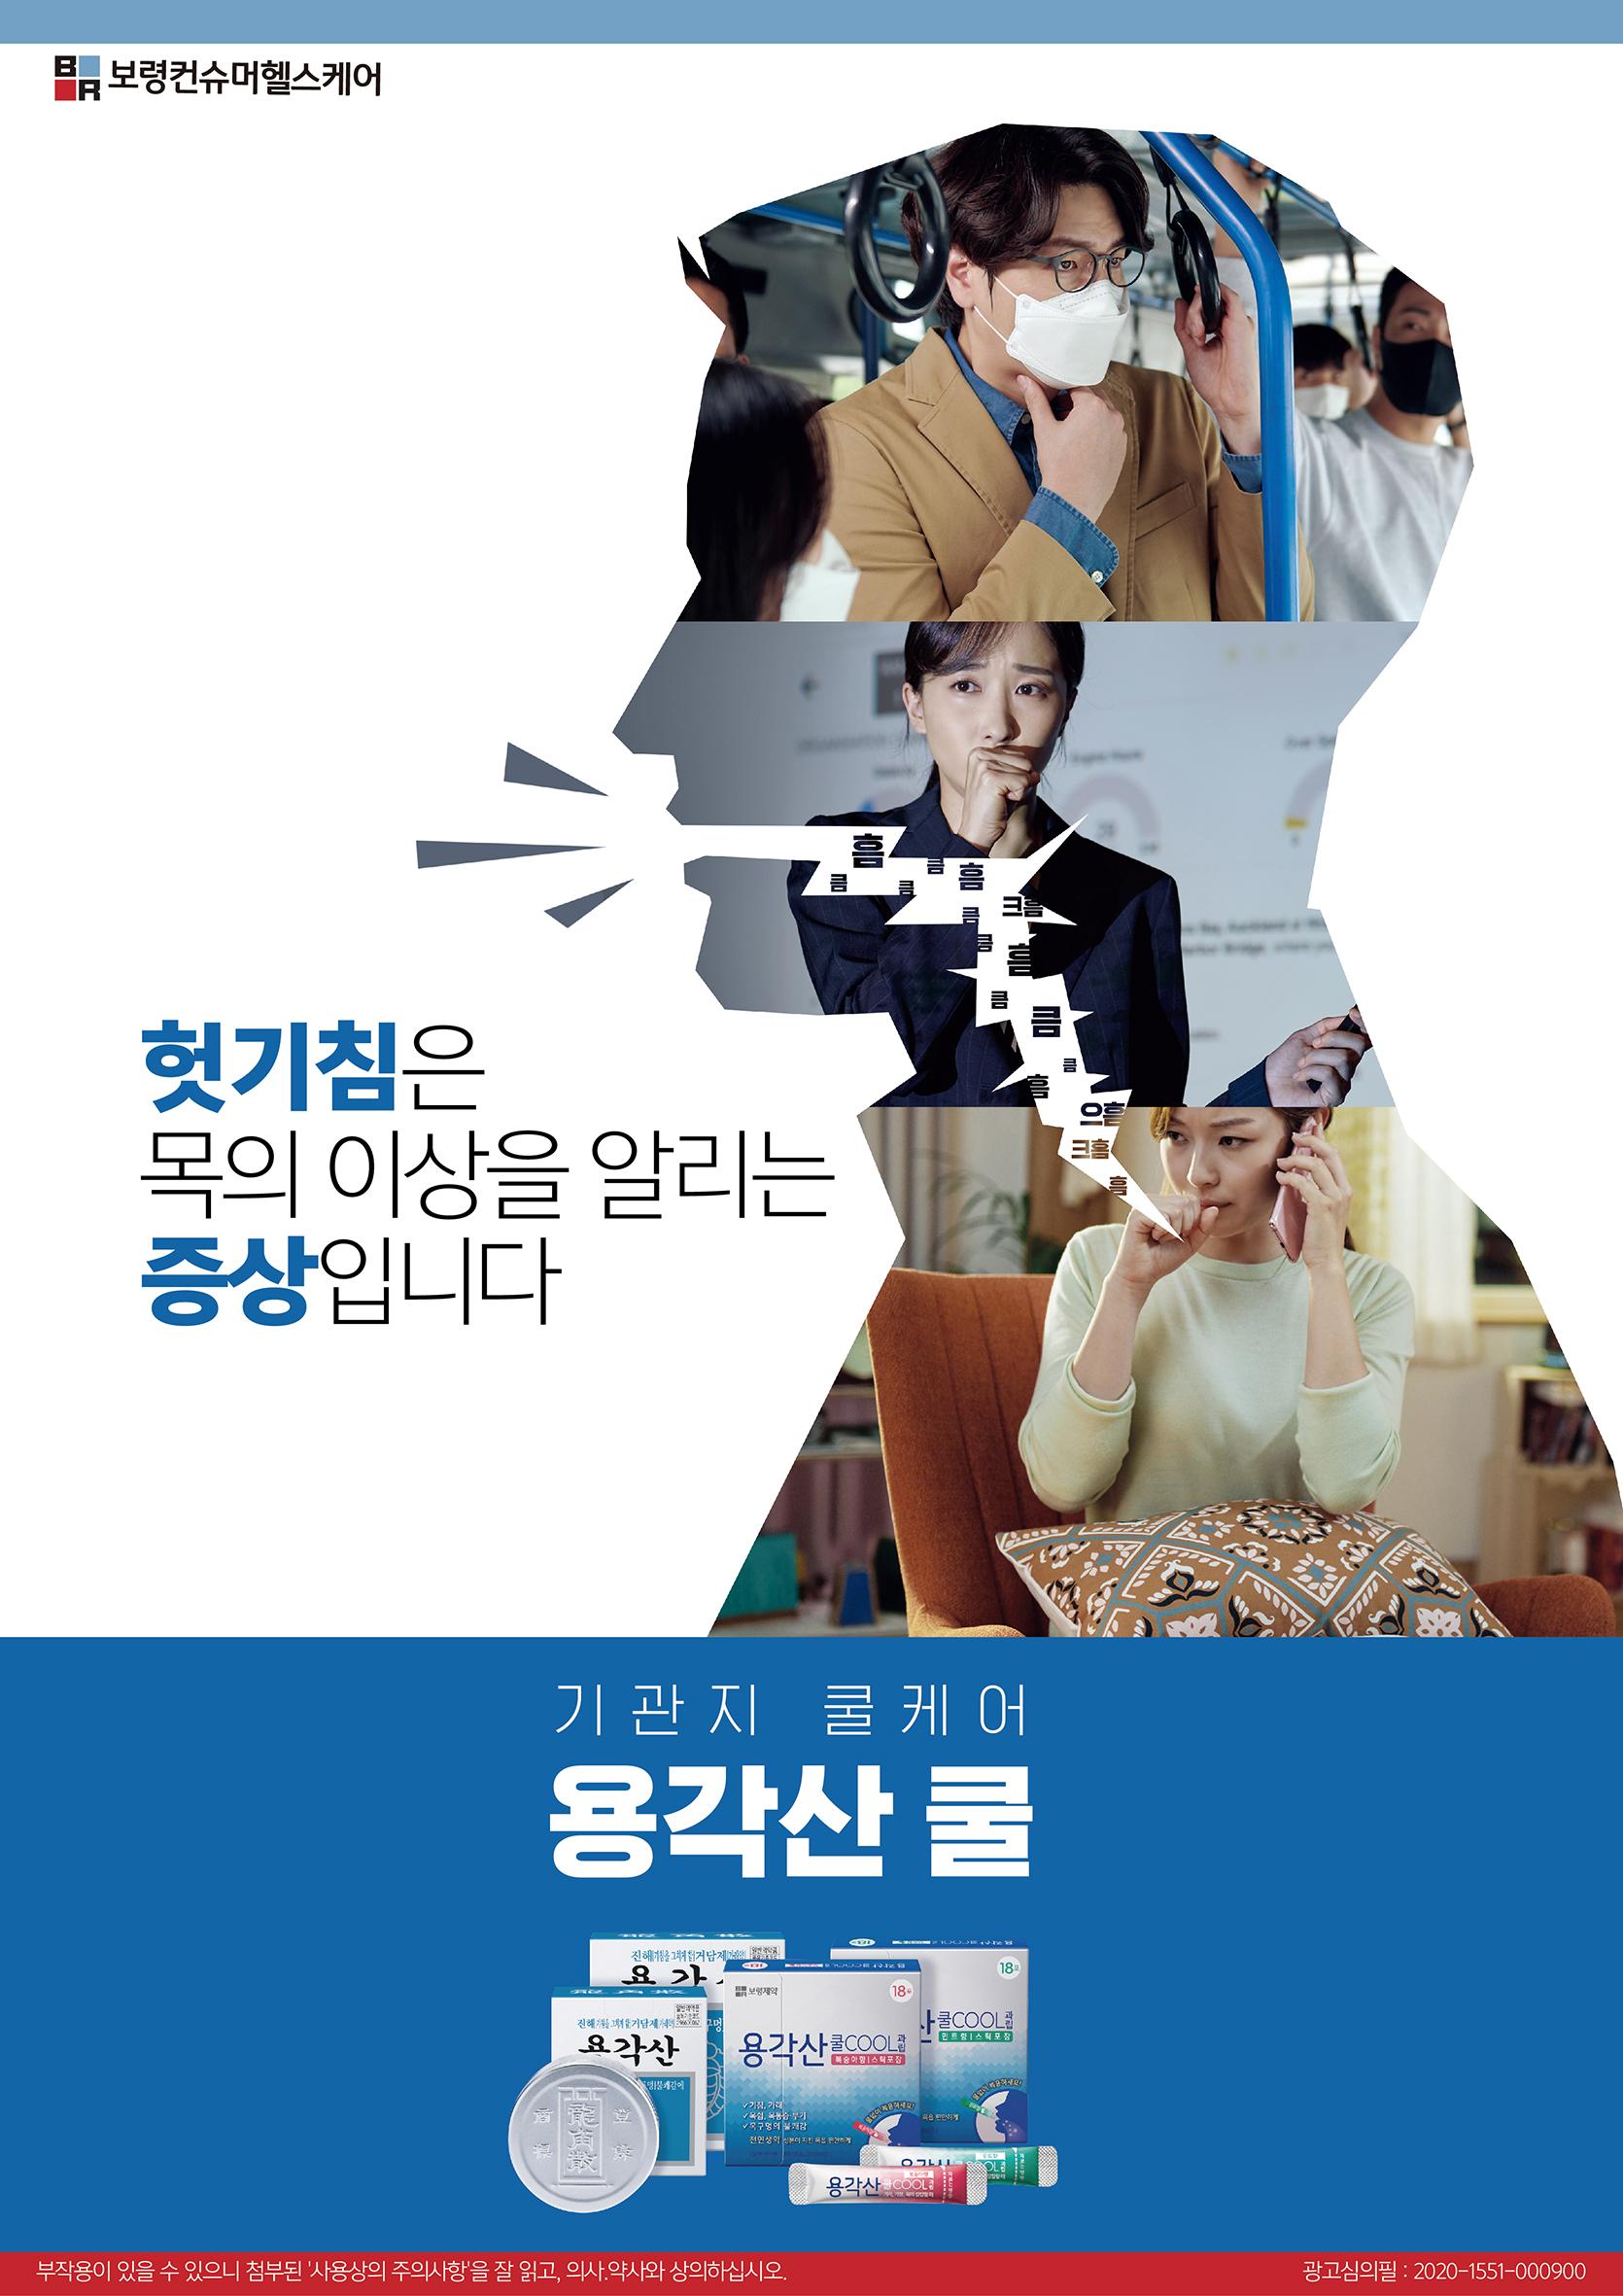 보령_용각산_인쇄1